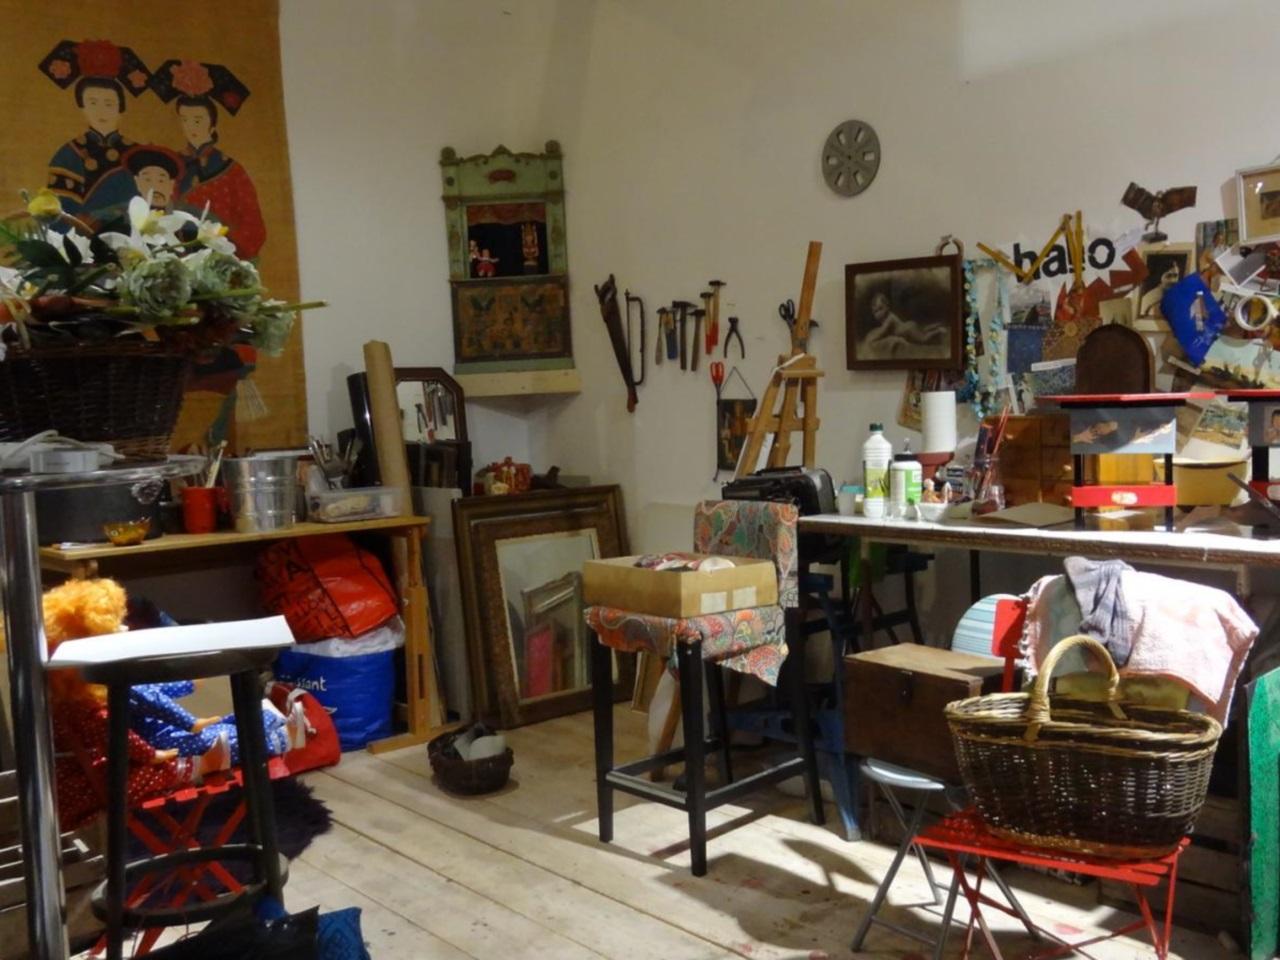 Une boutique emma s va ouvrir ses portes villeurbanne - Donner ses meubles a emmaus ...